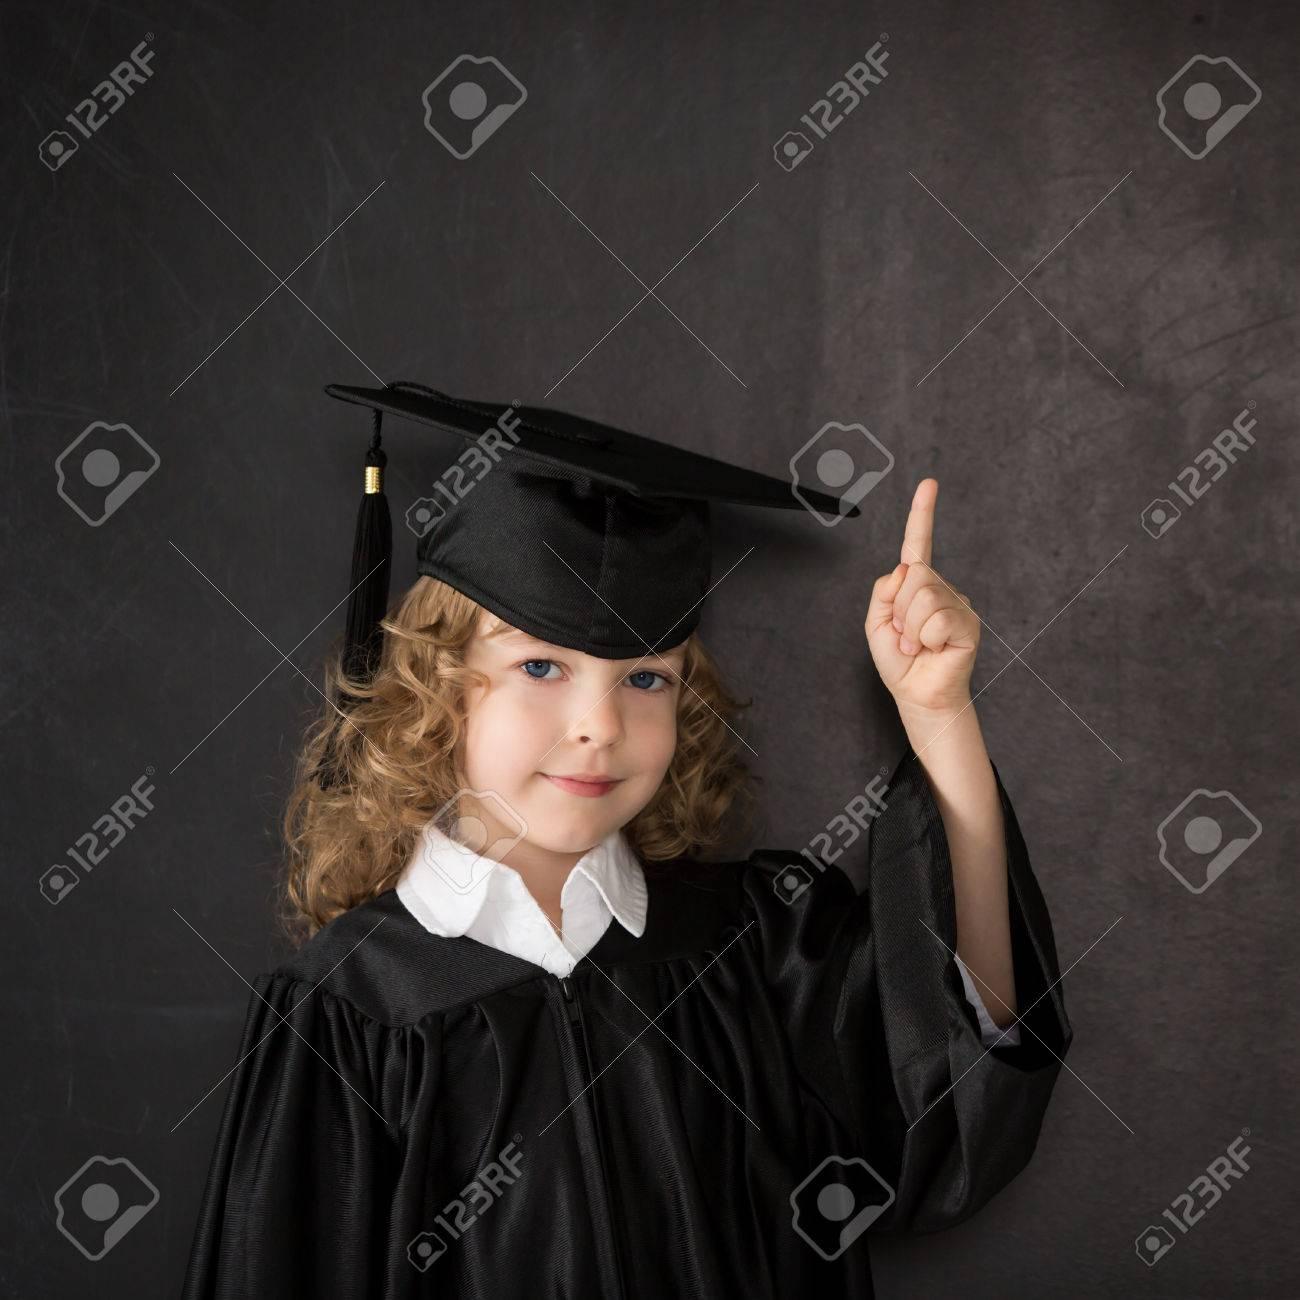 Smart kid in class against blackboard Stock Photo - 30826138